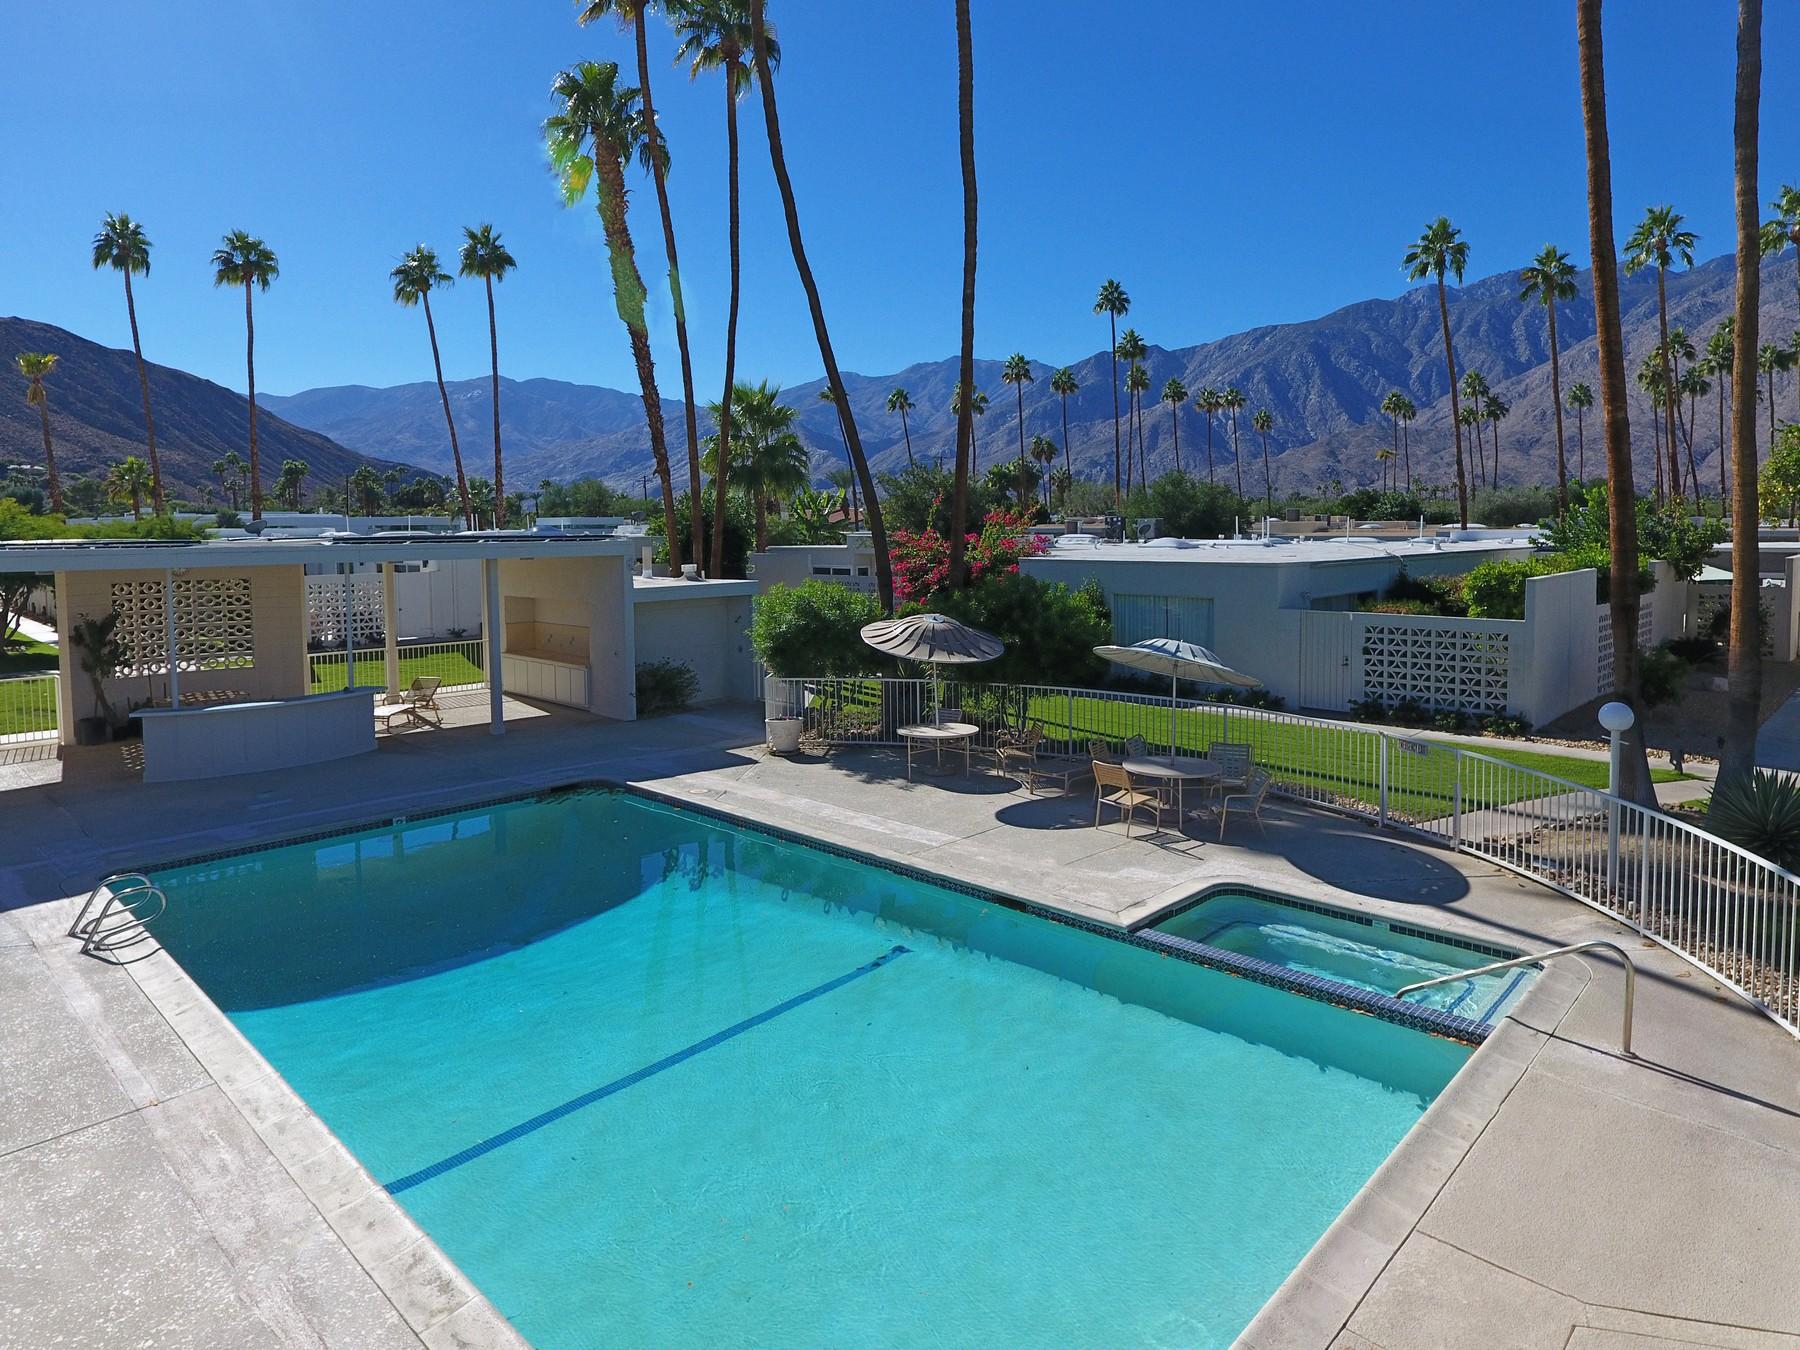 Кондоминиум для того Продажа на 1880 Sandcliff Road Palm Springs, Калифорния, 92264 Соединенные Штаты